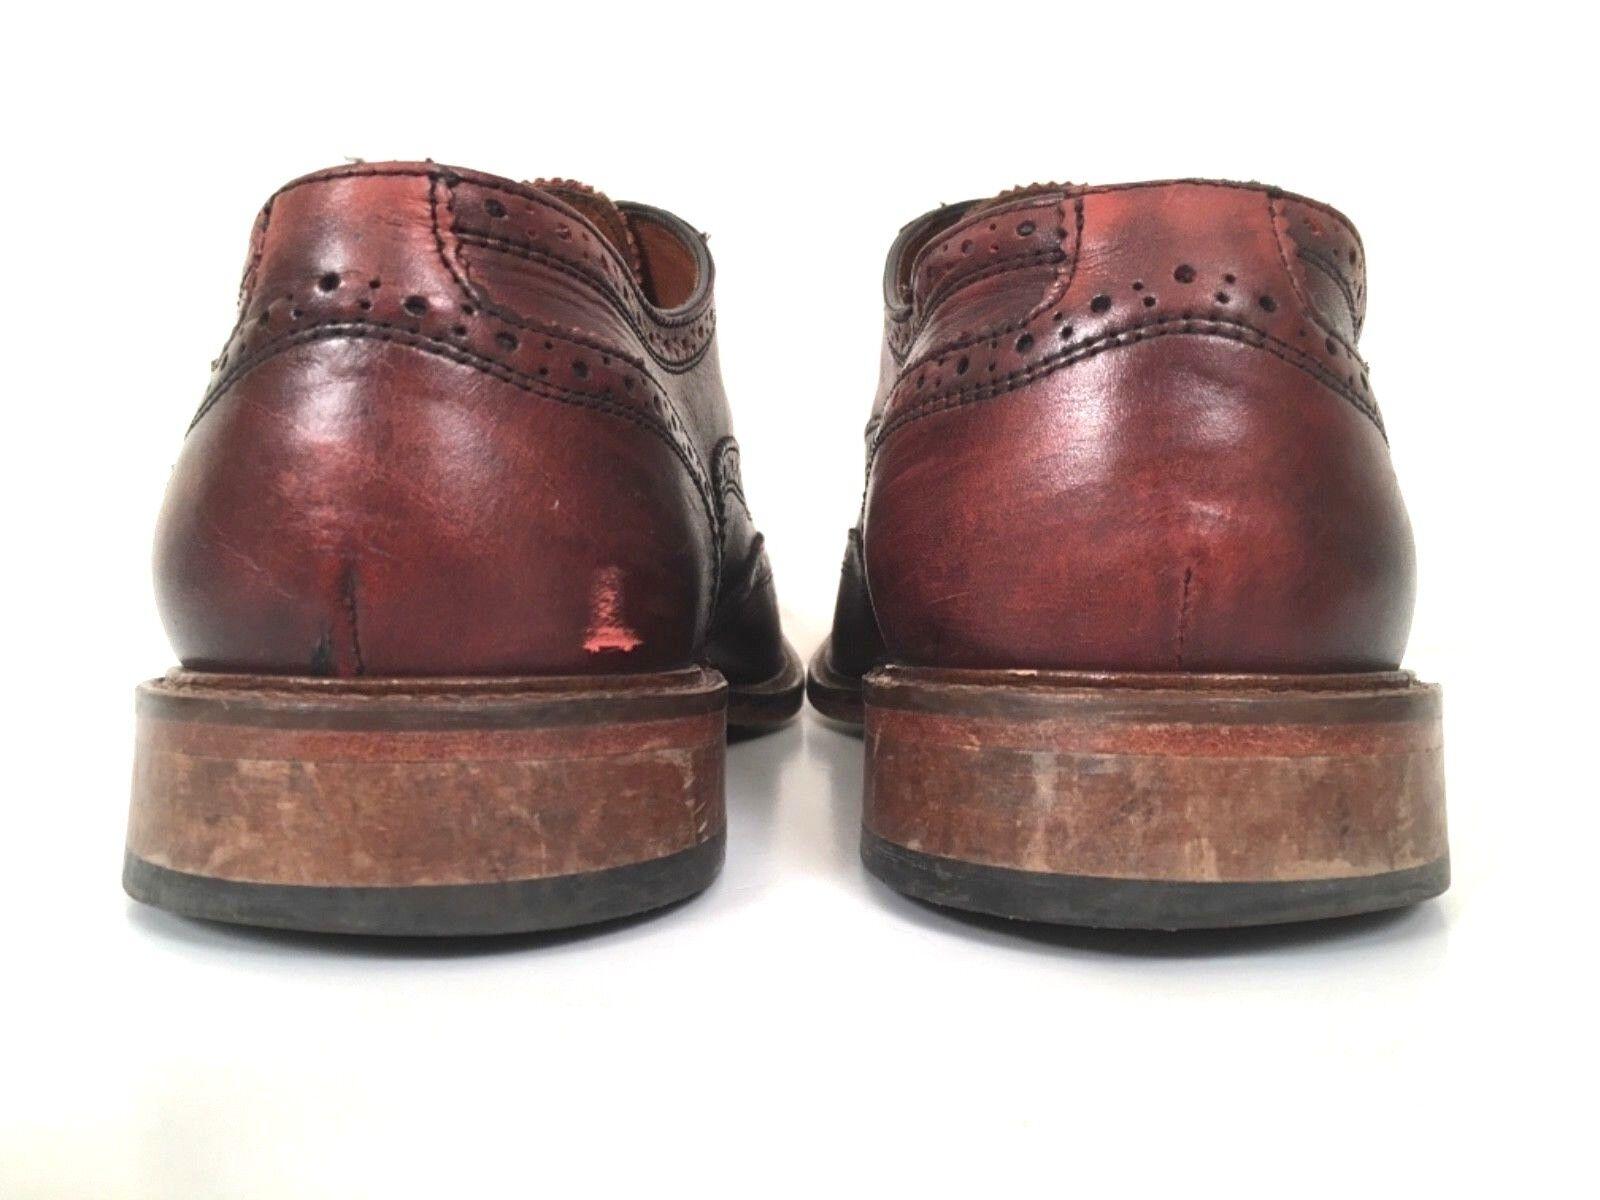 Mercanti Fiorentini Fiorentini Fiorentini Cuoio Burgundy rosso Leather Wingtip - Oxford Men's 10 M scarpe 6e378e